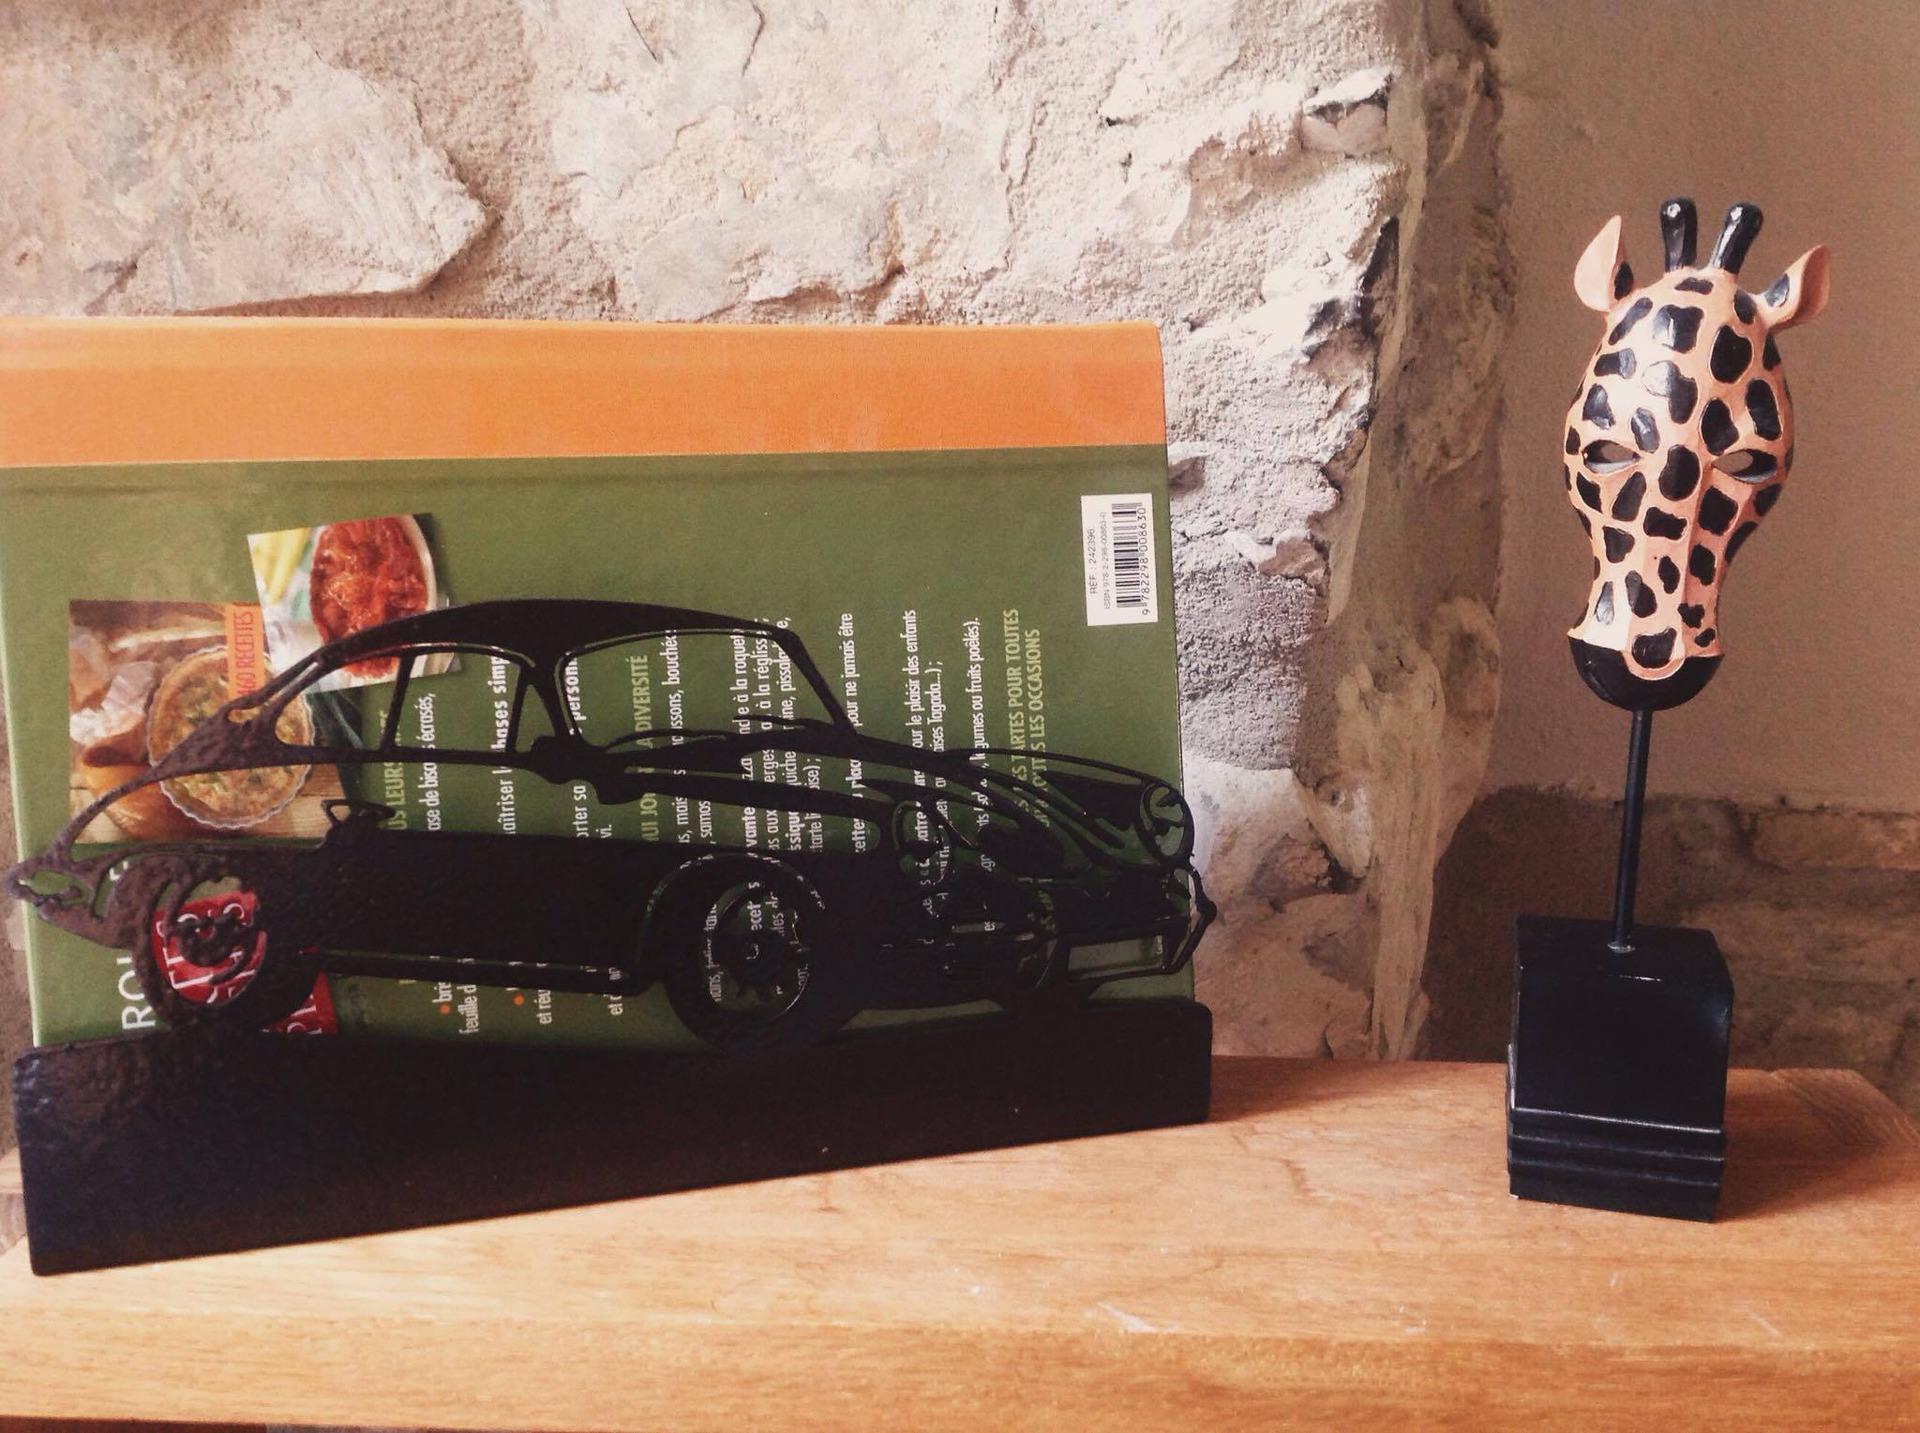 Porsche ClésEtsy Porte Accroche 356 Documents LVGSUpqMz